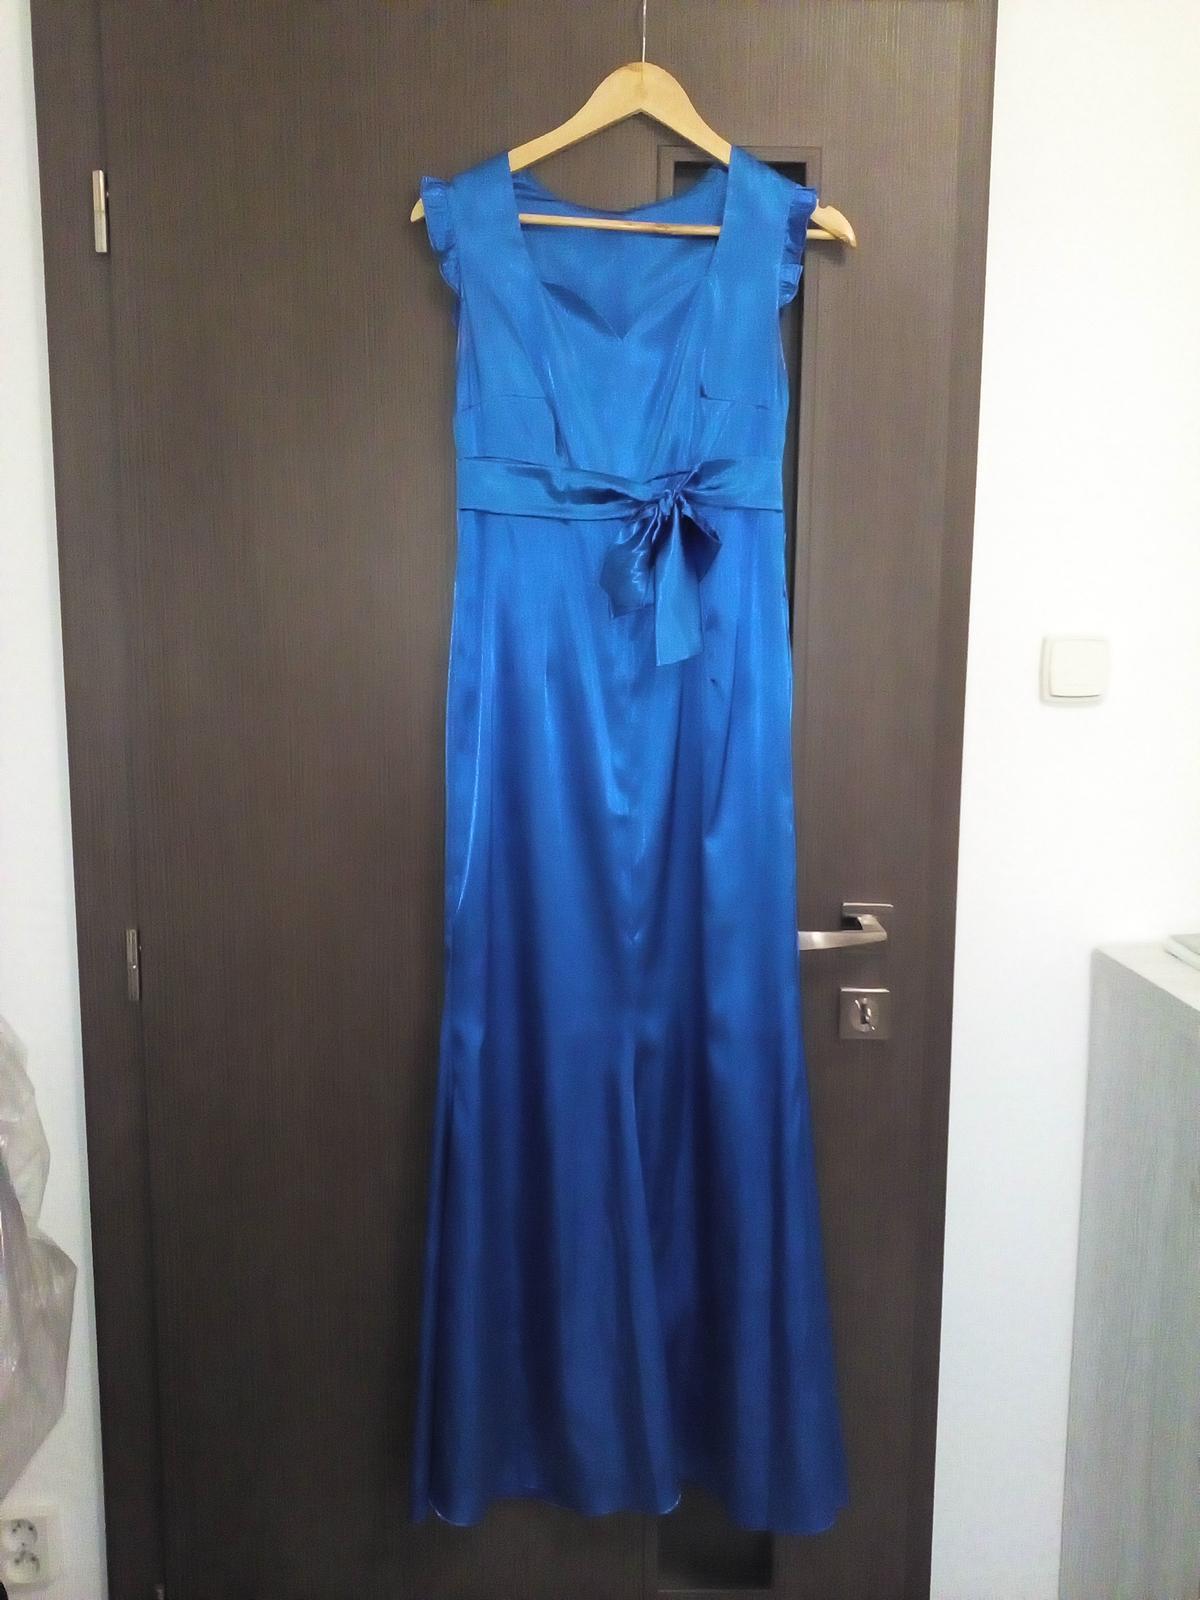 Dlhé saténové šaty - Obrázok č. 1